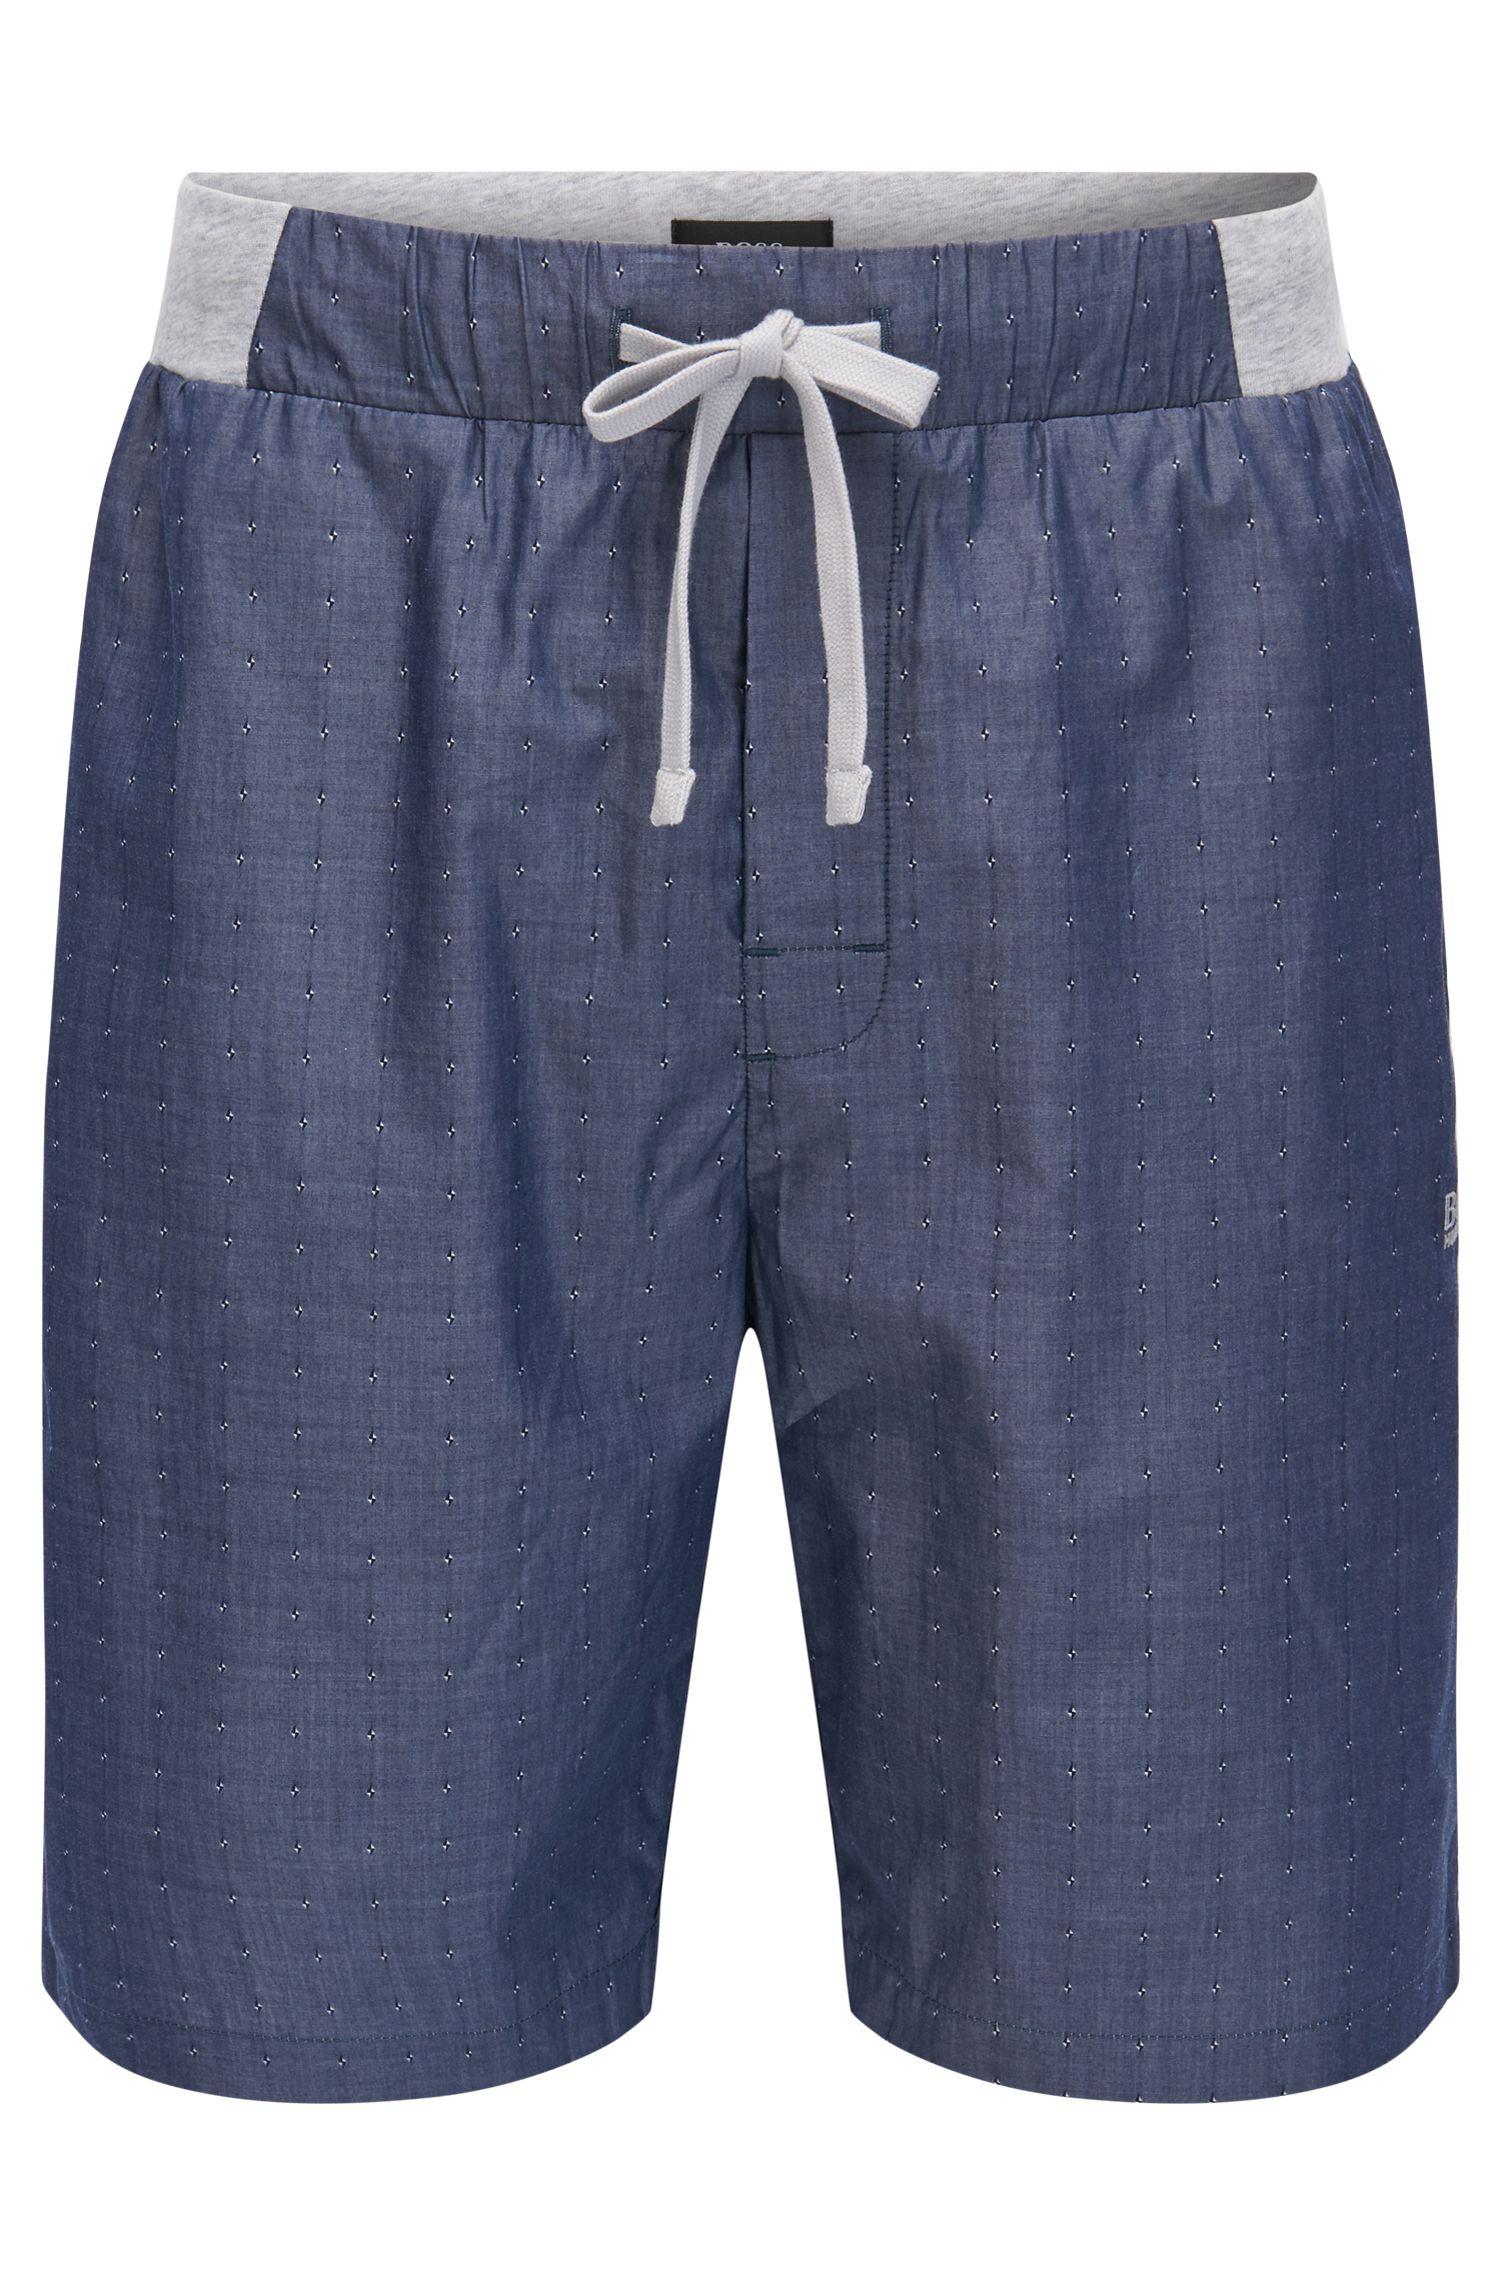 Katoenen pyjamashort met fil coupé